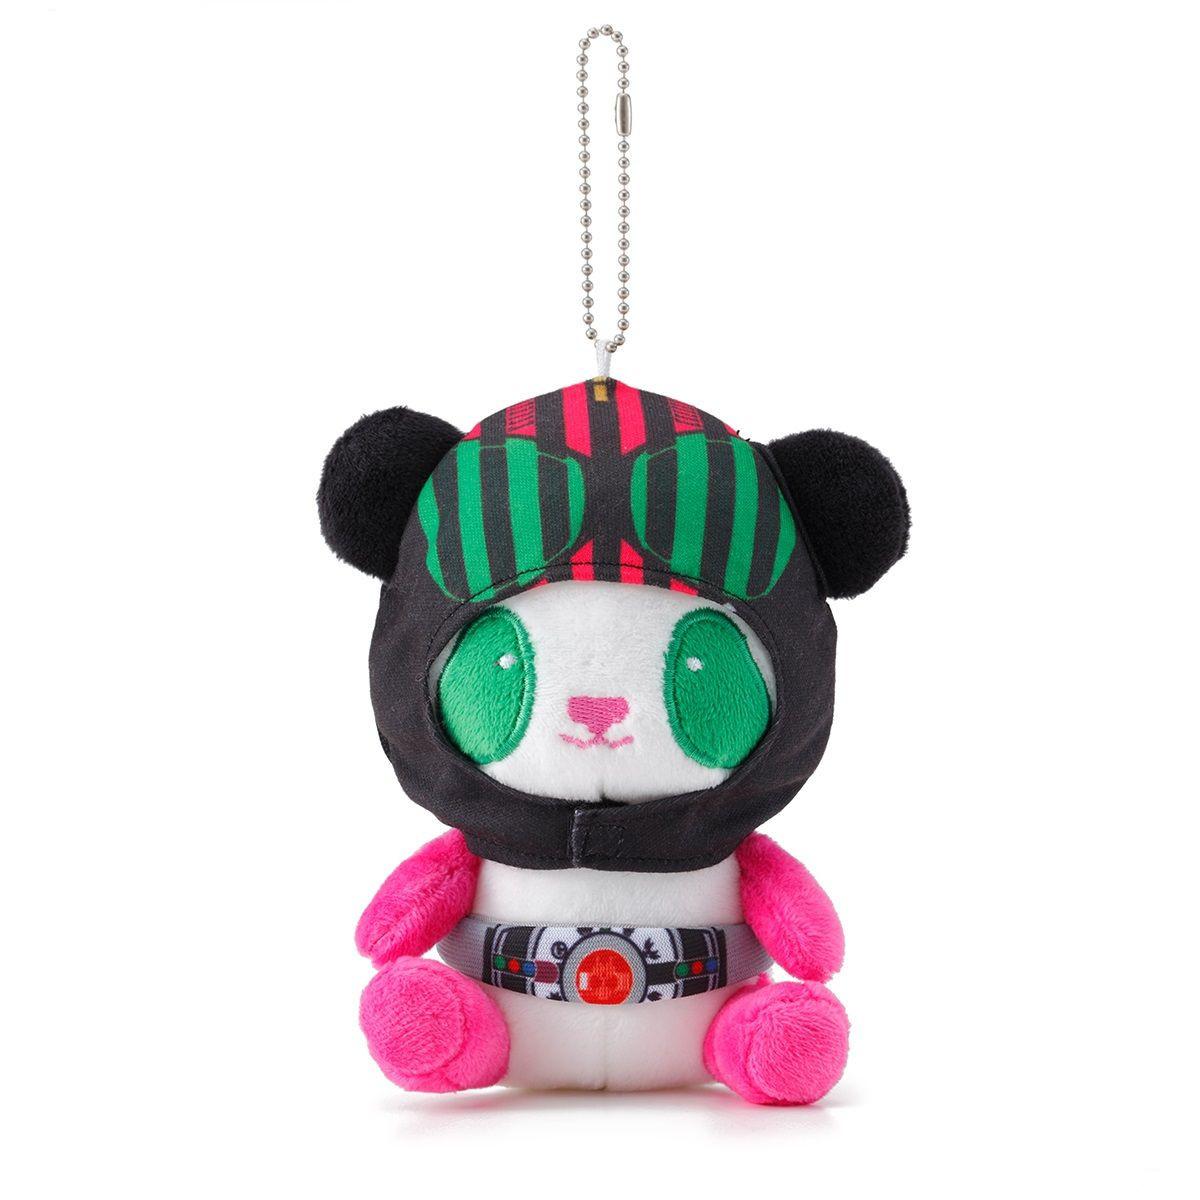 Kamen Rider Decade Panda Plushie